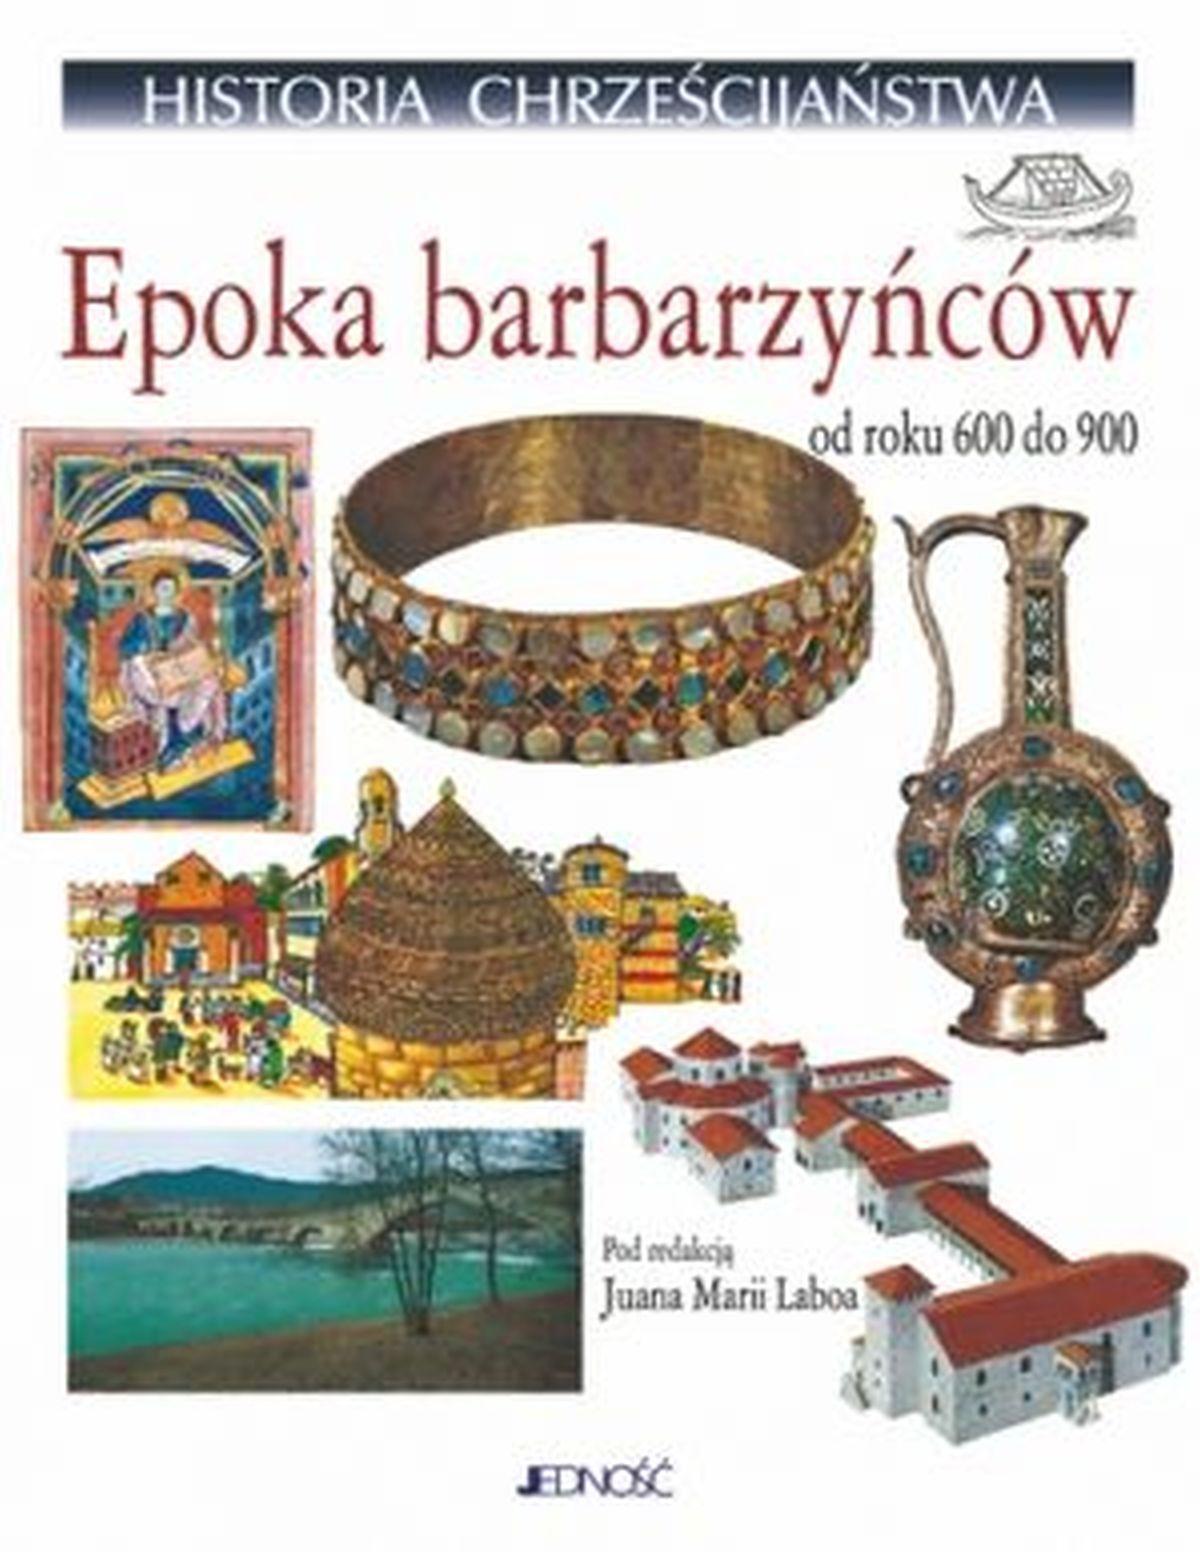 Juan Maria Laboa, Historia chrześcijaństwa. Tom 4. Epoka barbarzyńców